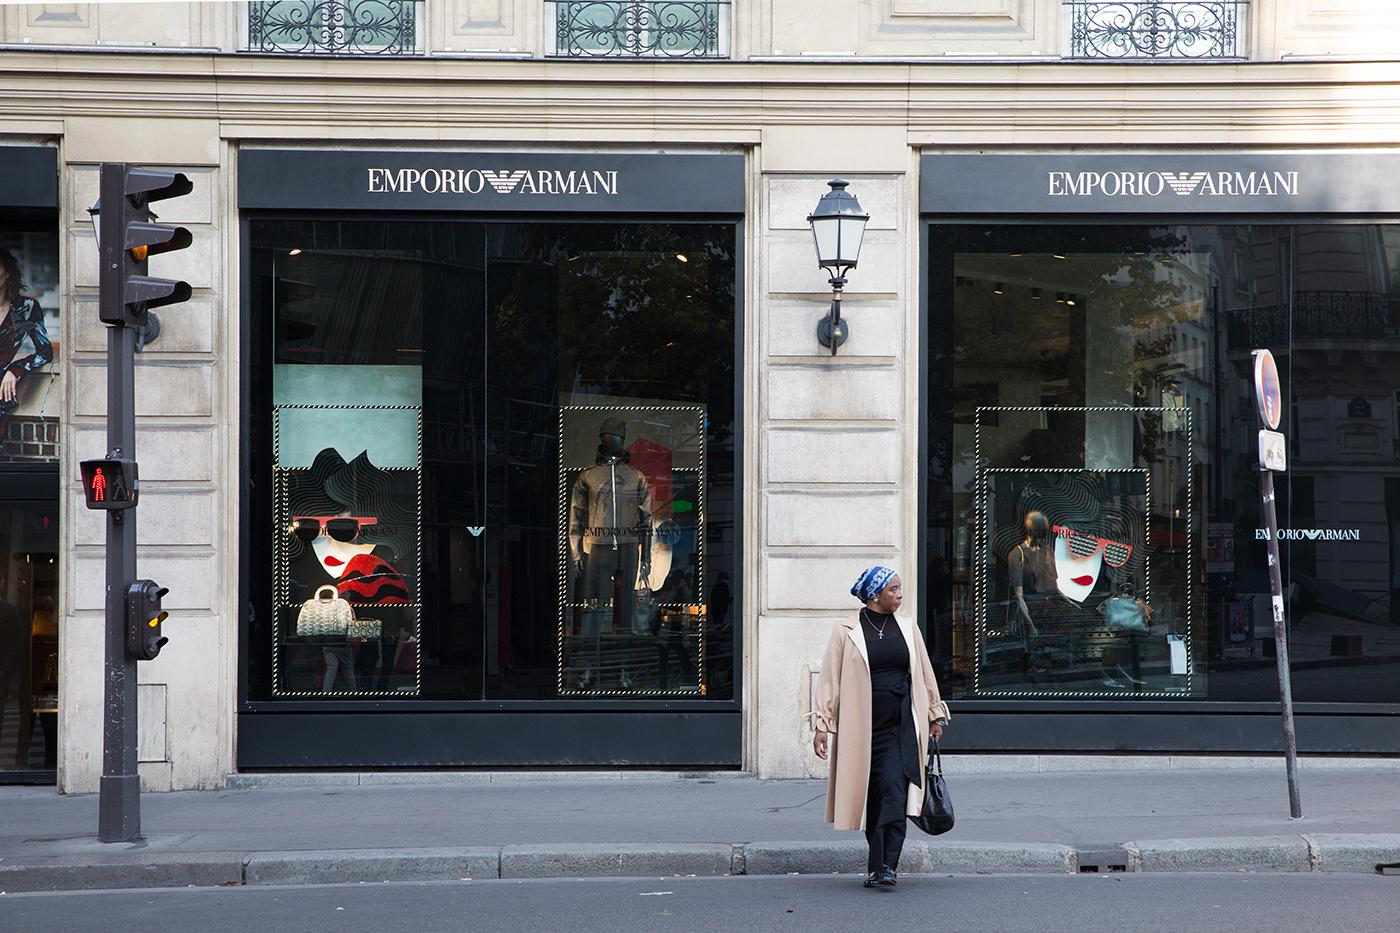 Emporio Armani in Paris